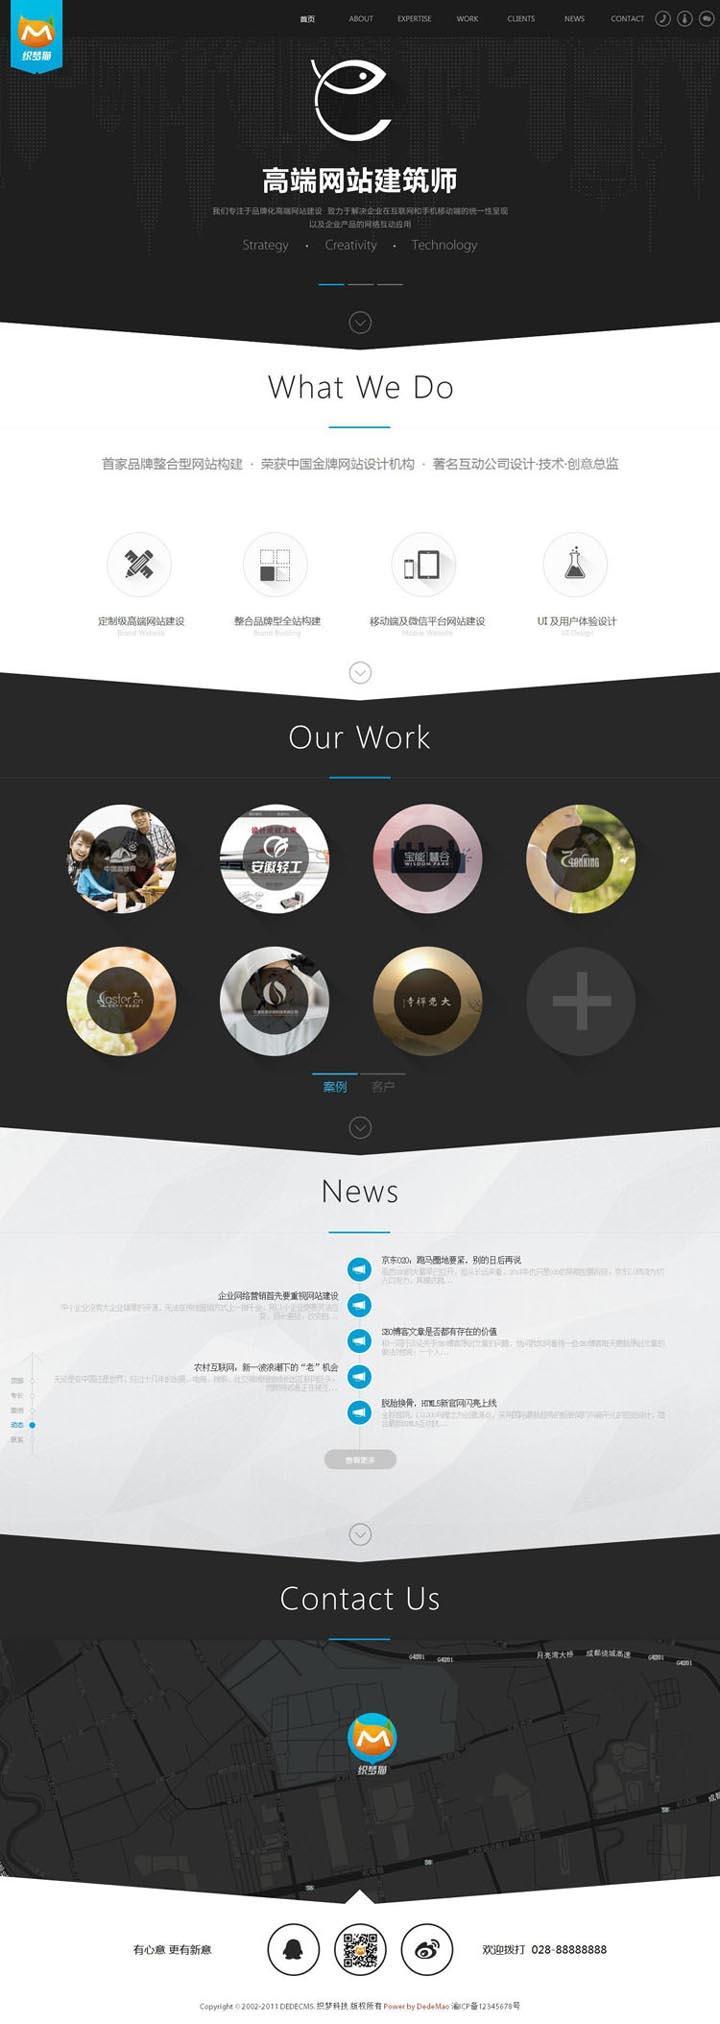 【模板】高端HTML5网站建设织梦模板 dedecms5.7织梦网络公司源码